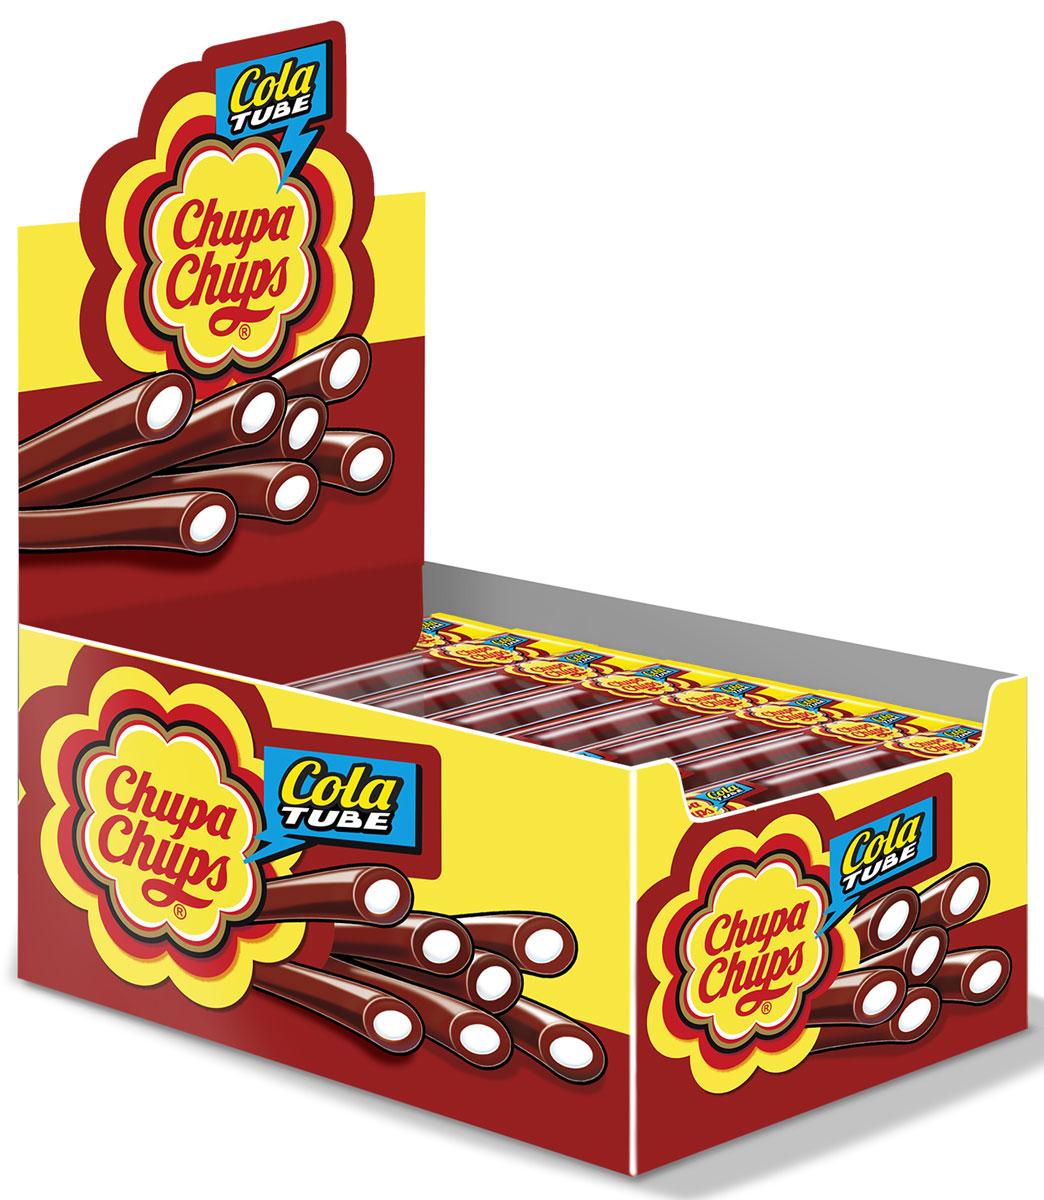 """Chupa-Chups """"Cola Tube"""" жевательный мармелад со вкусом колы, 50 шт по 10 г"""